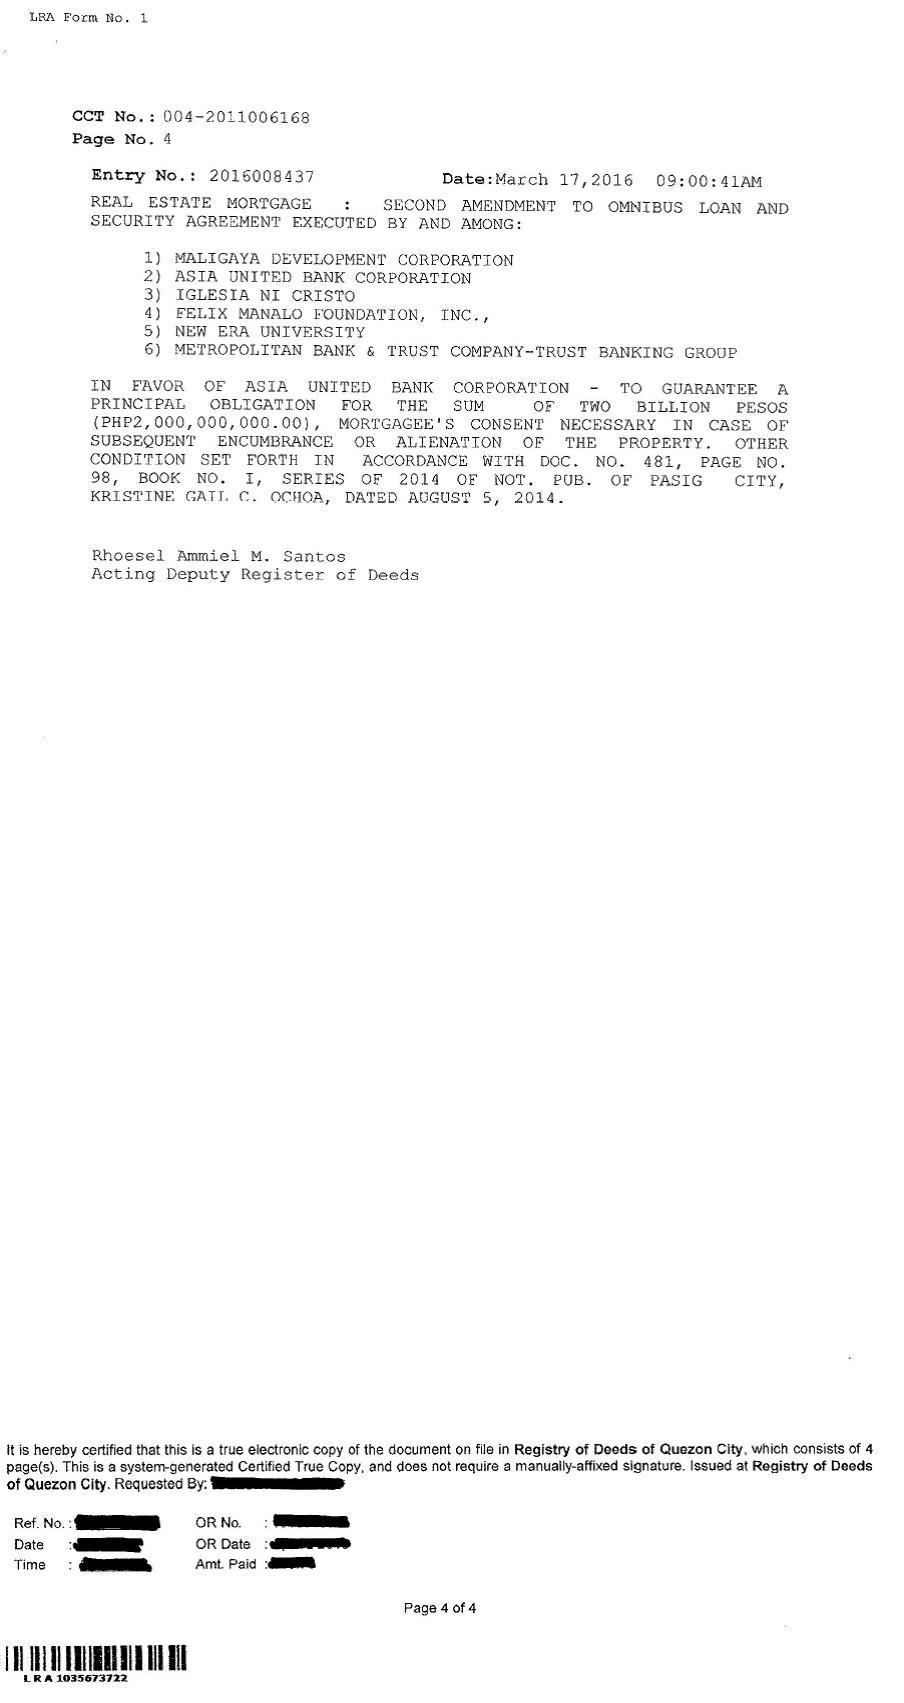 CCT-004-2011006168-encumbrances-page4